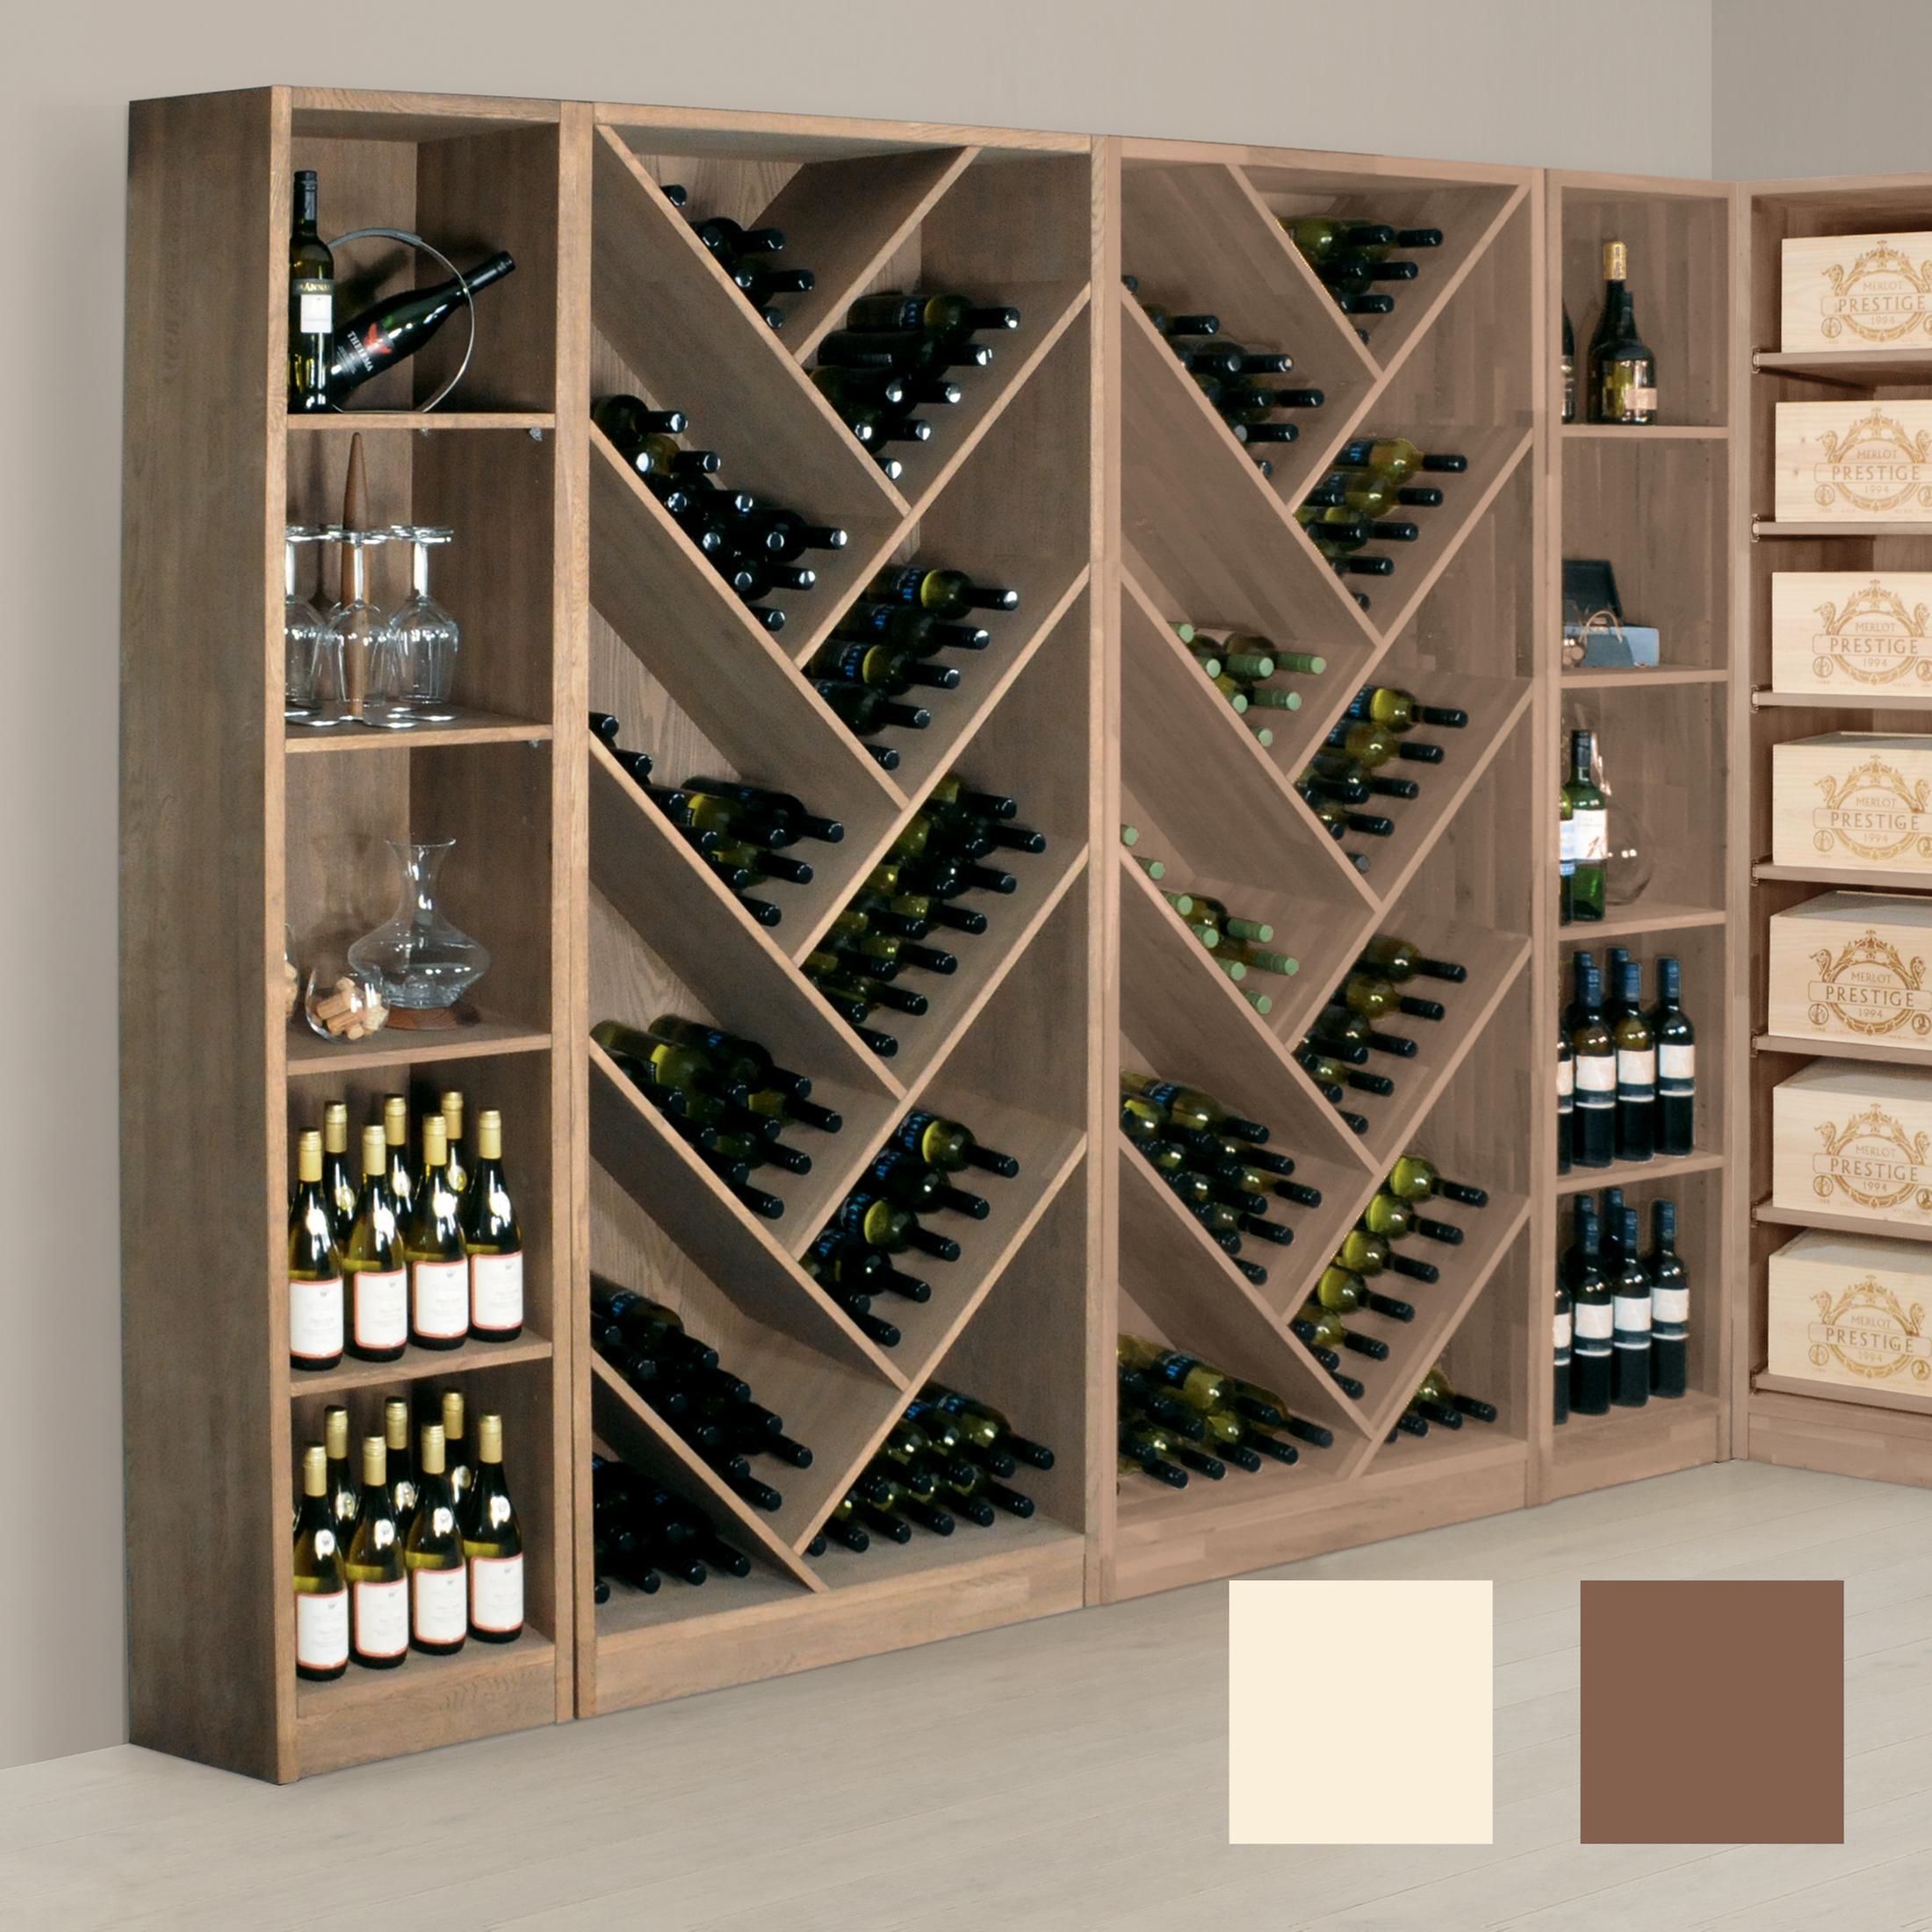 Full Size of Weinregal Prestige 111 Und 112 Aus Massiver Eiche Promondo Bad Wandregal Regal Würfel Kleines Weiß Weinkisten Industrie Nach Maß Designer Regale Regal Wein Regal